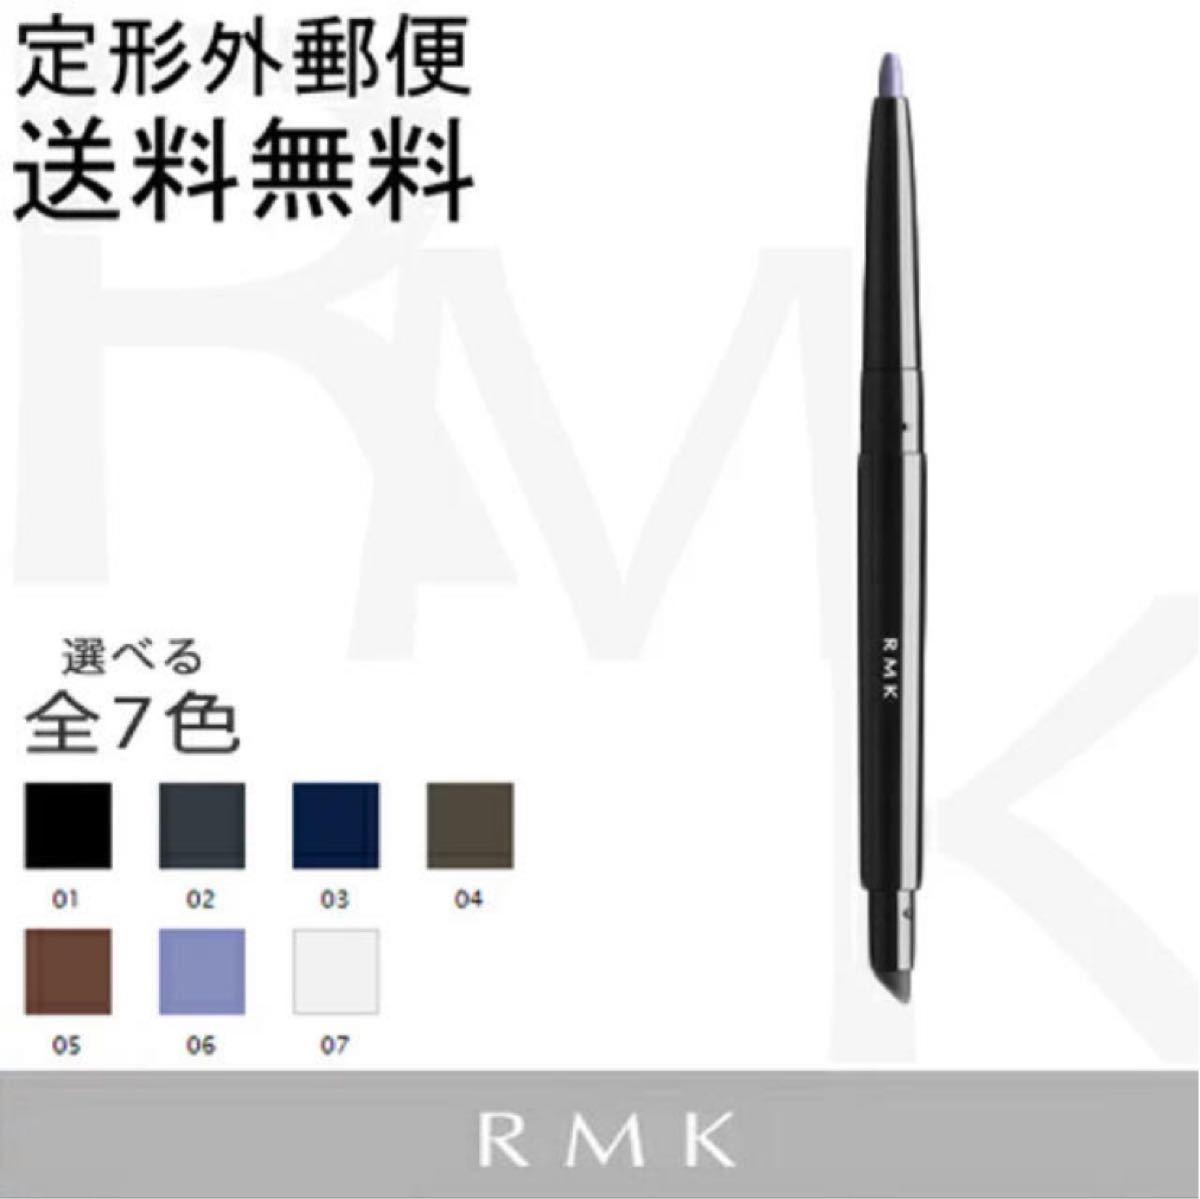 RMK アイライナー ペンシル カラー カラーライナー